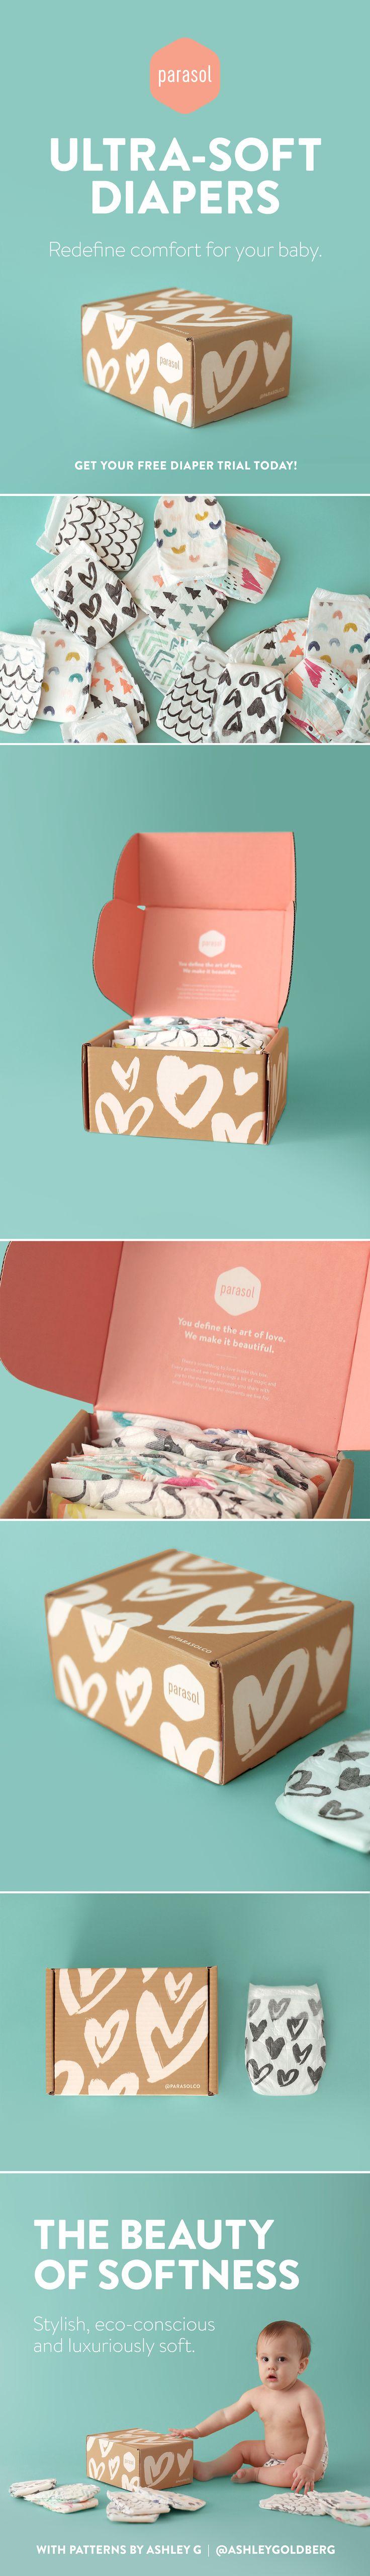 ¡Nos encanta este packaging de caja! ¿Te gustaría tener una igual? Con cajadecarton.es puedes: https://www.cajadecarton.es/contactar?utm_source=Pinterest&utm_medium=social&utm_campaign=20160617-cajadecarton_contactar